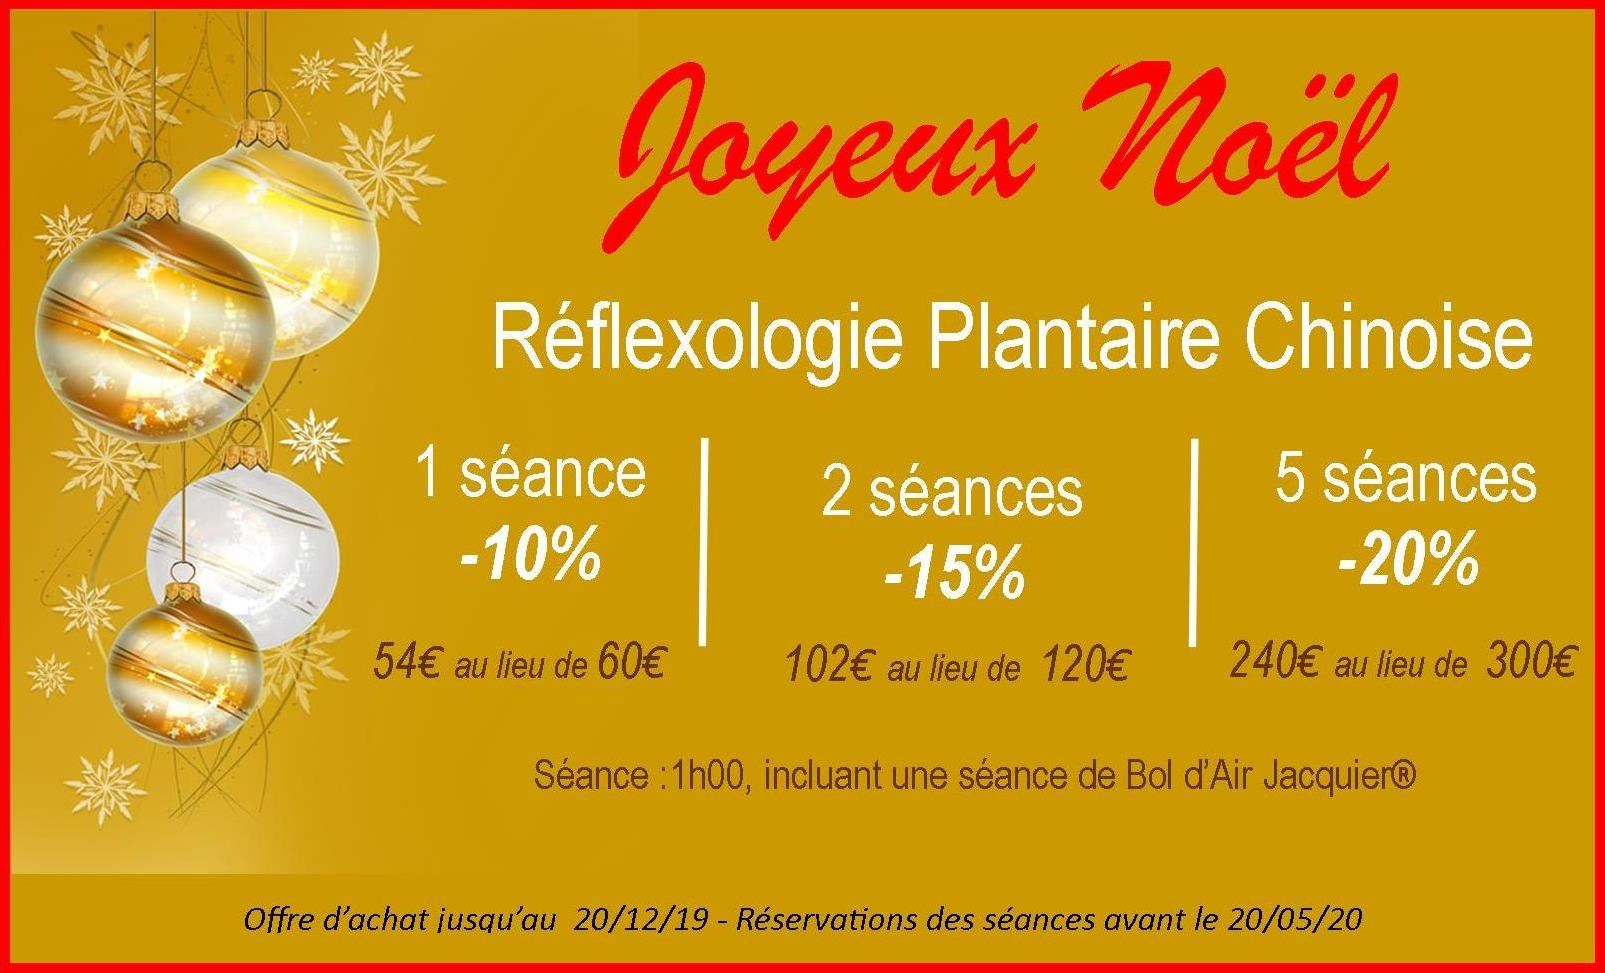 NOEL 2019 - Réflexologie Plantaire Chinoise